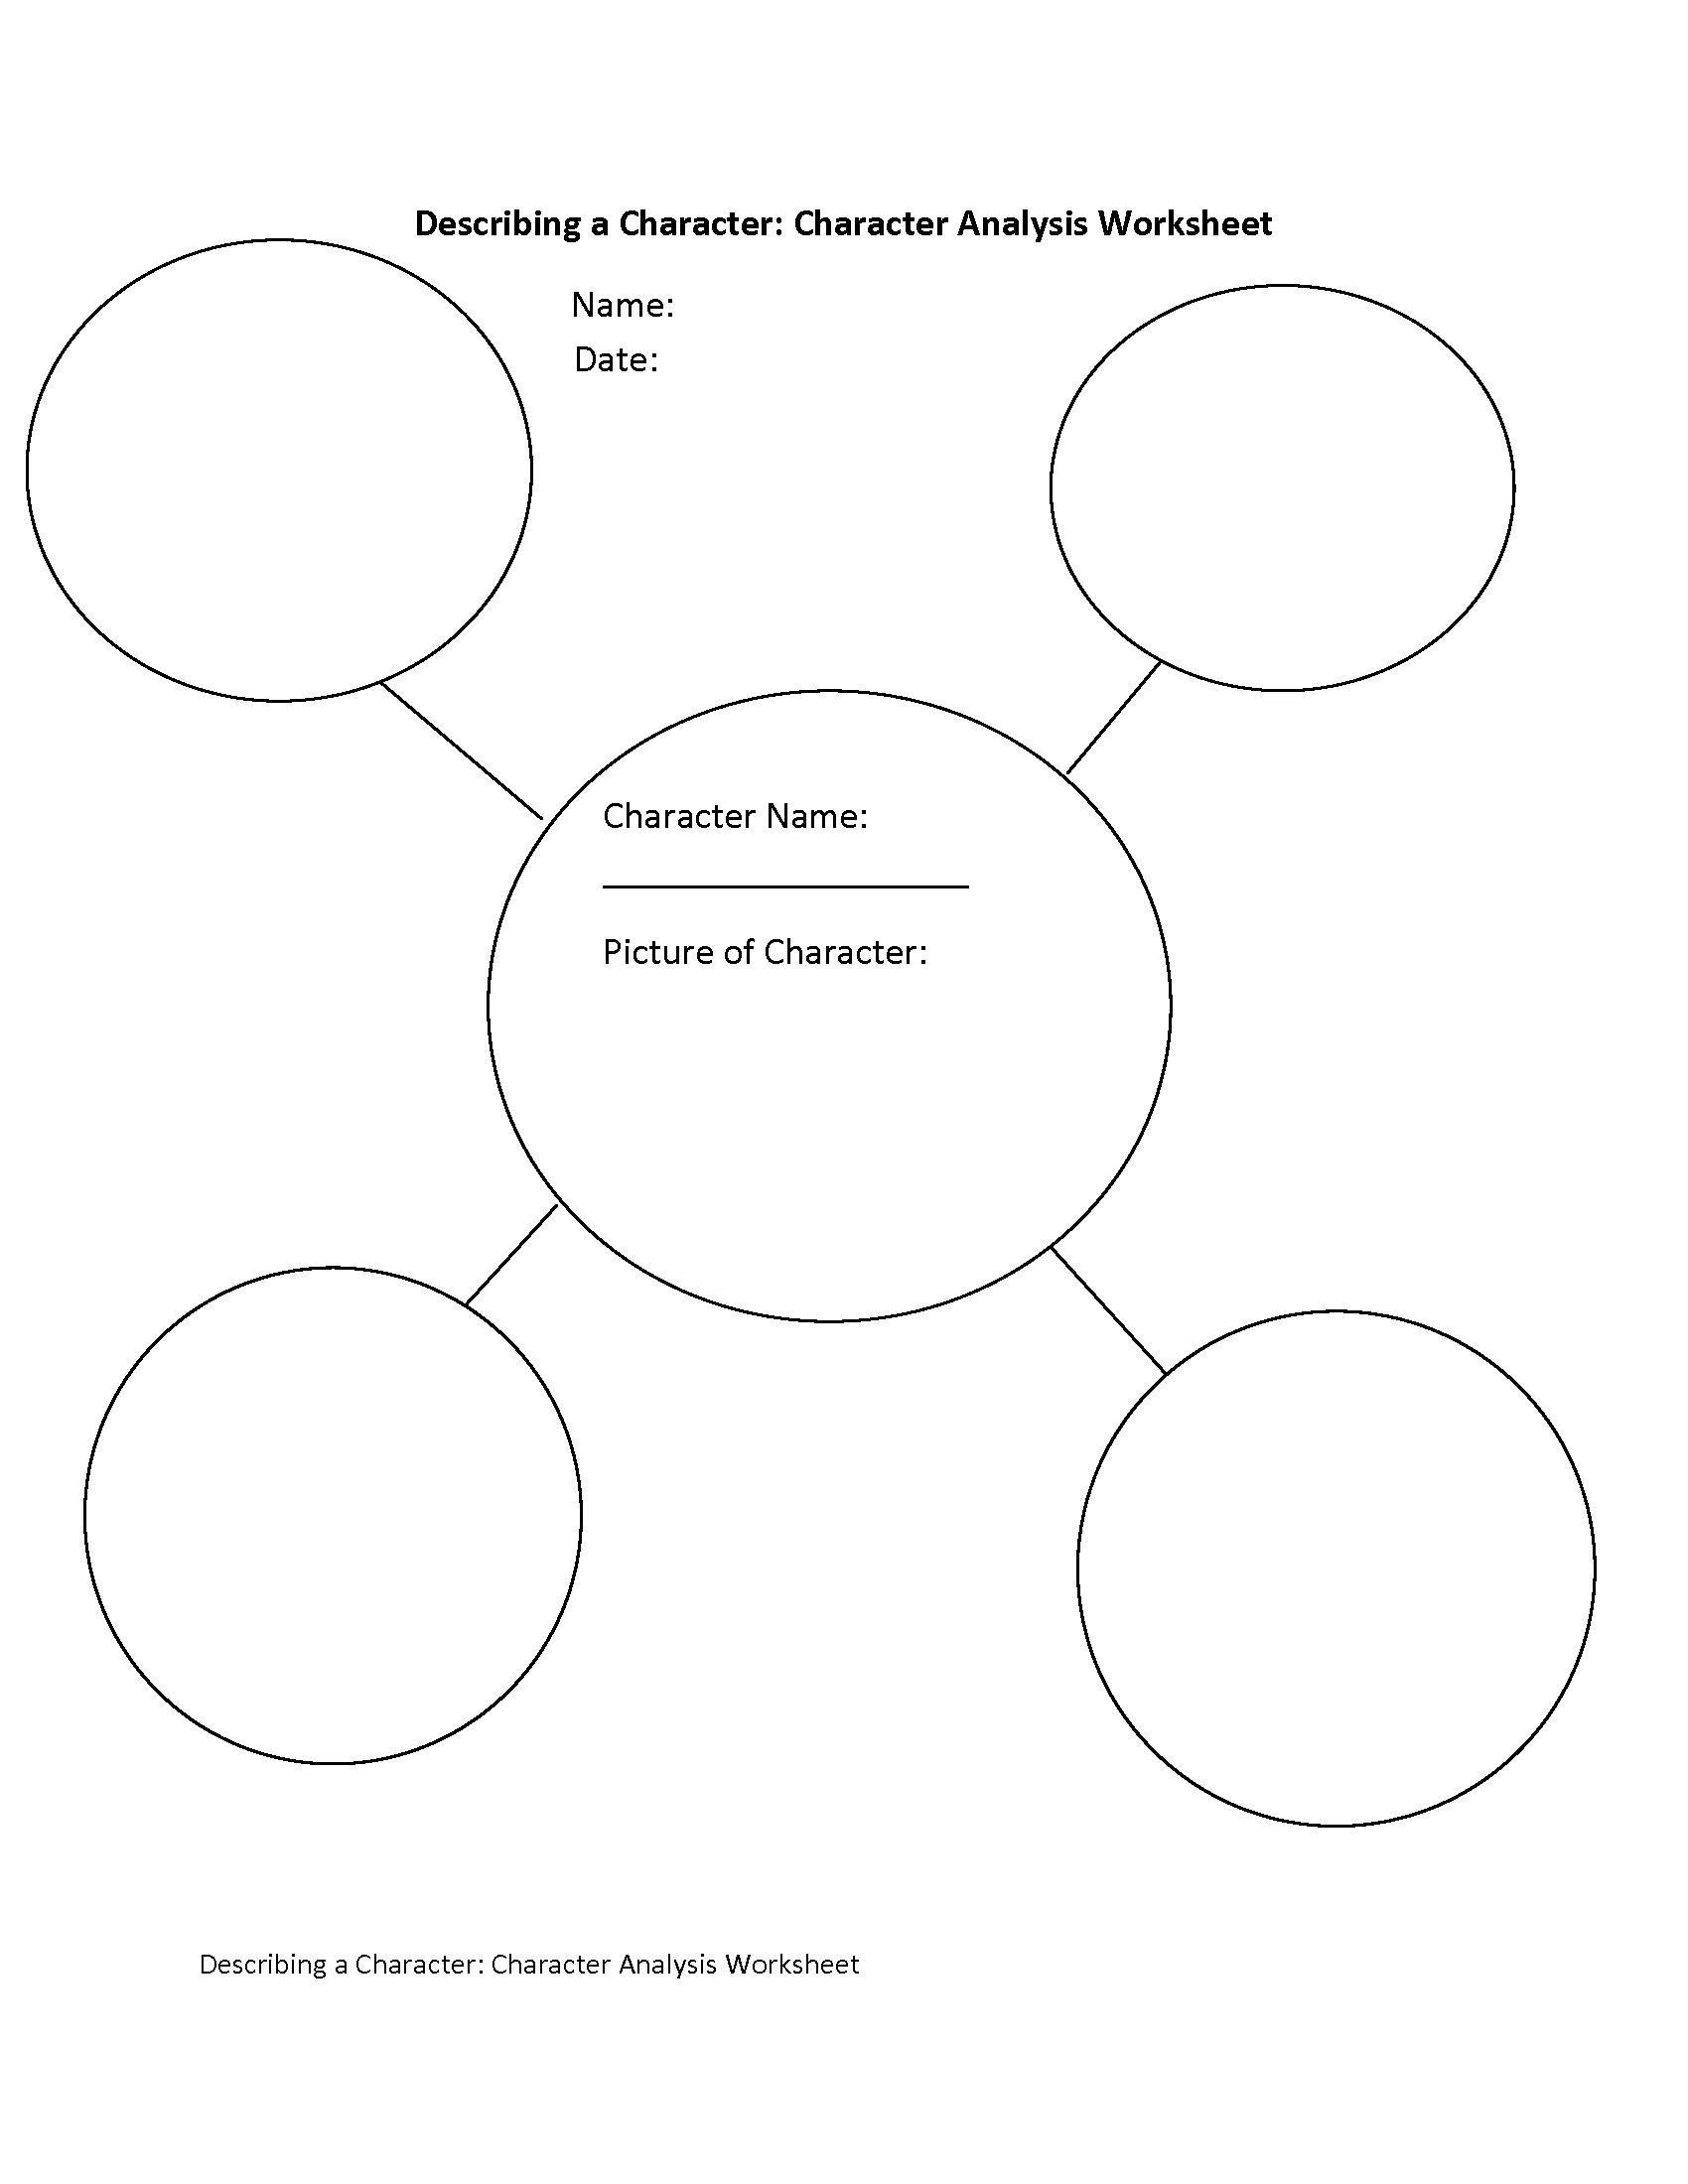 Describing A Character Characterysis Worksheet